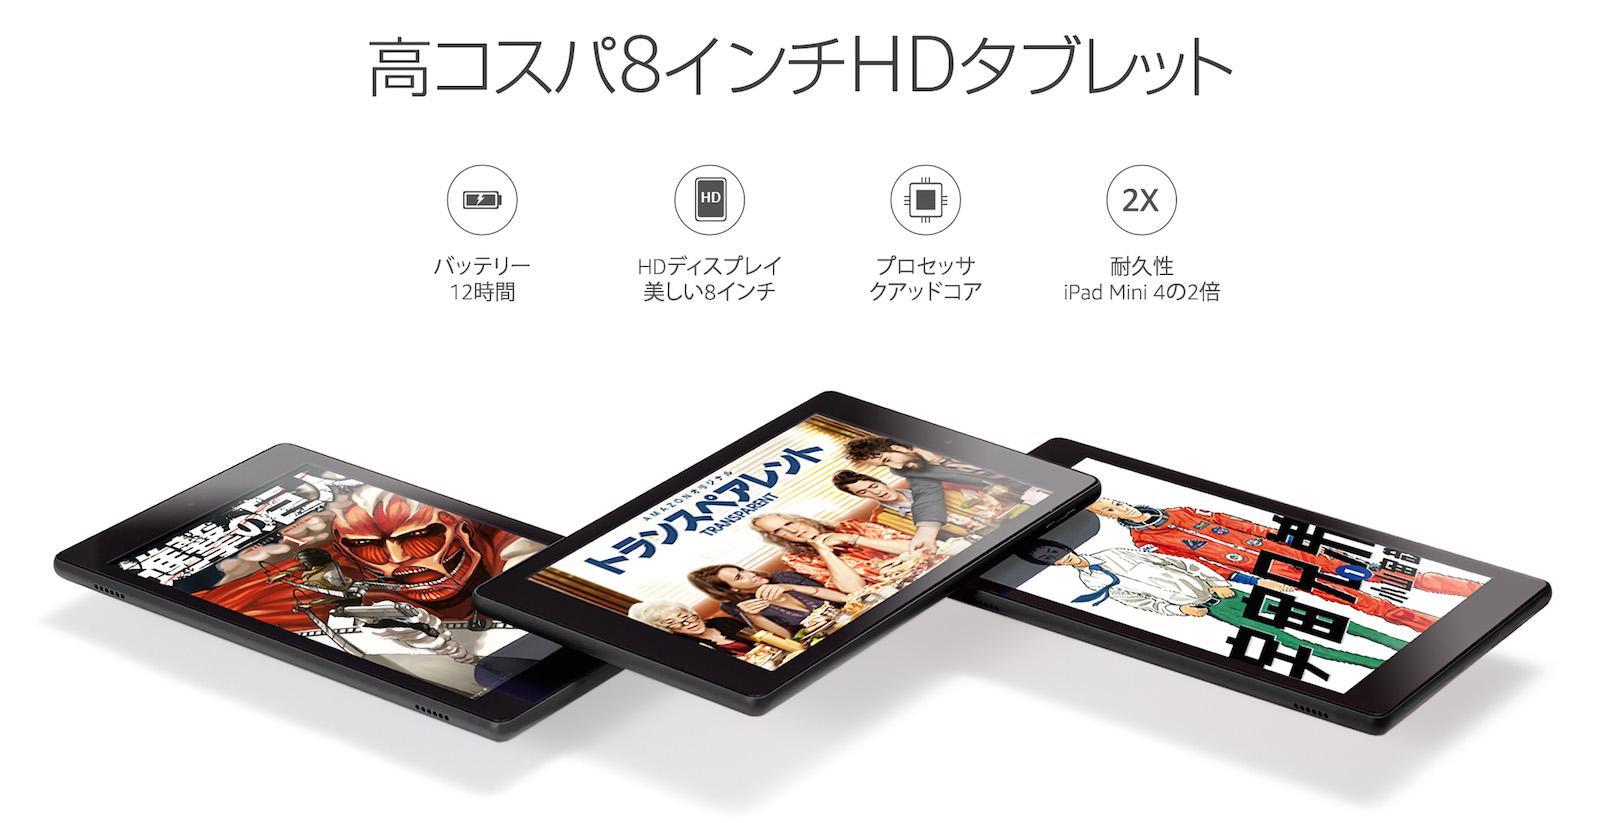 Fire HD 8 高コスパ8インチHDタブレット